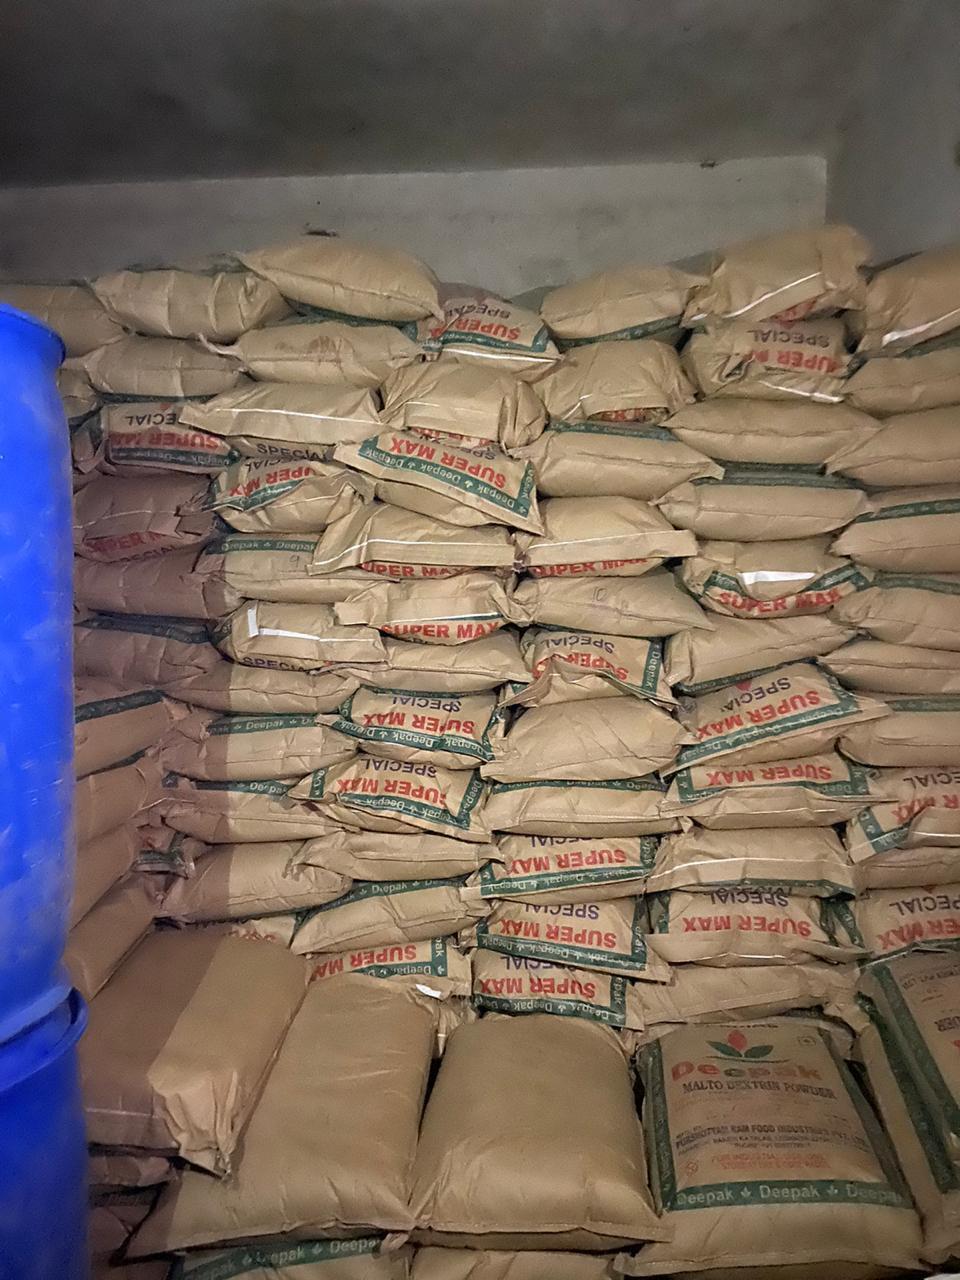 Morena News :  एसटीएफ ने अंबाह में तीन गोदामों से पकड़ा सिंथेटिक दूध बनाने वाले केमिकलों का जखीरा